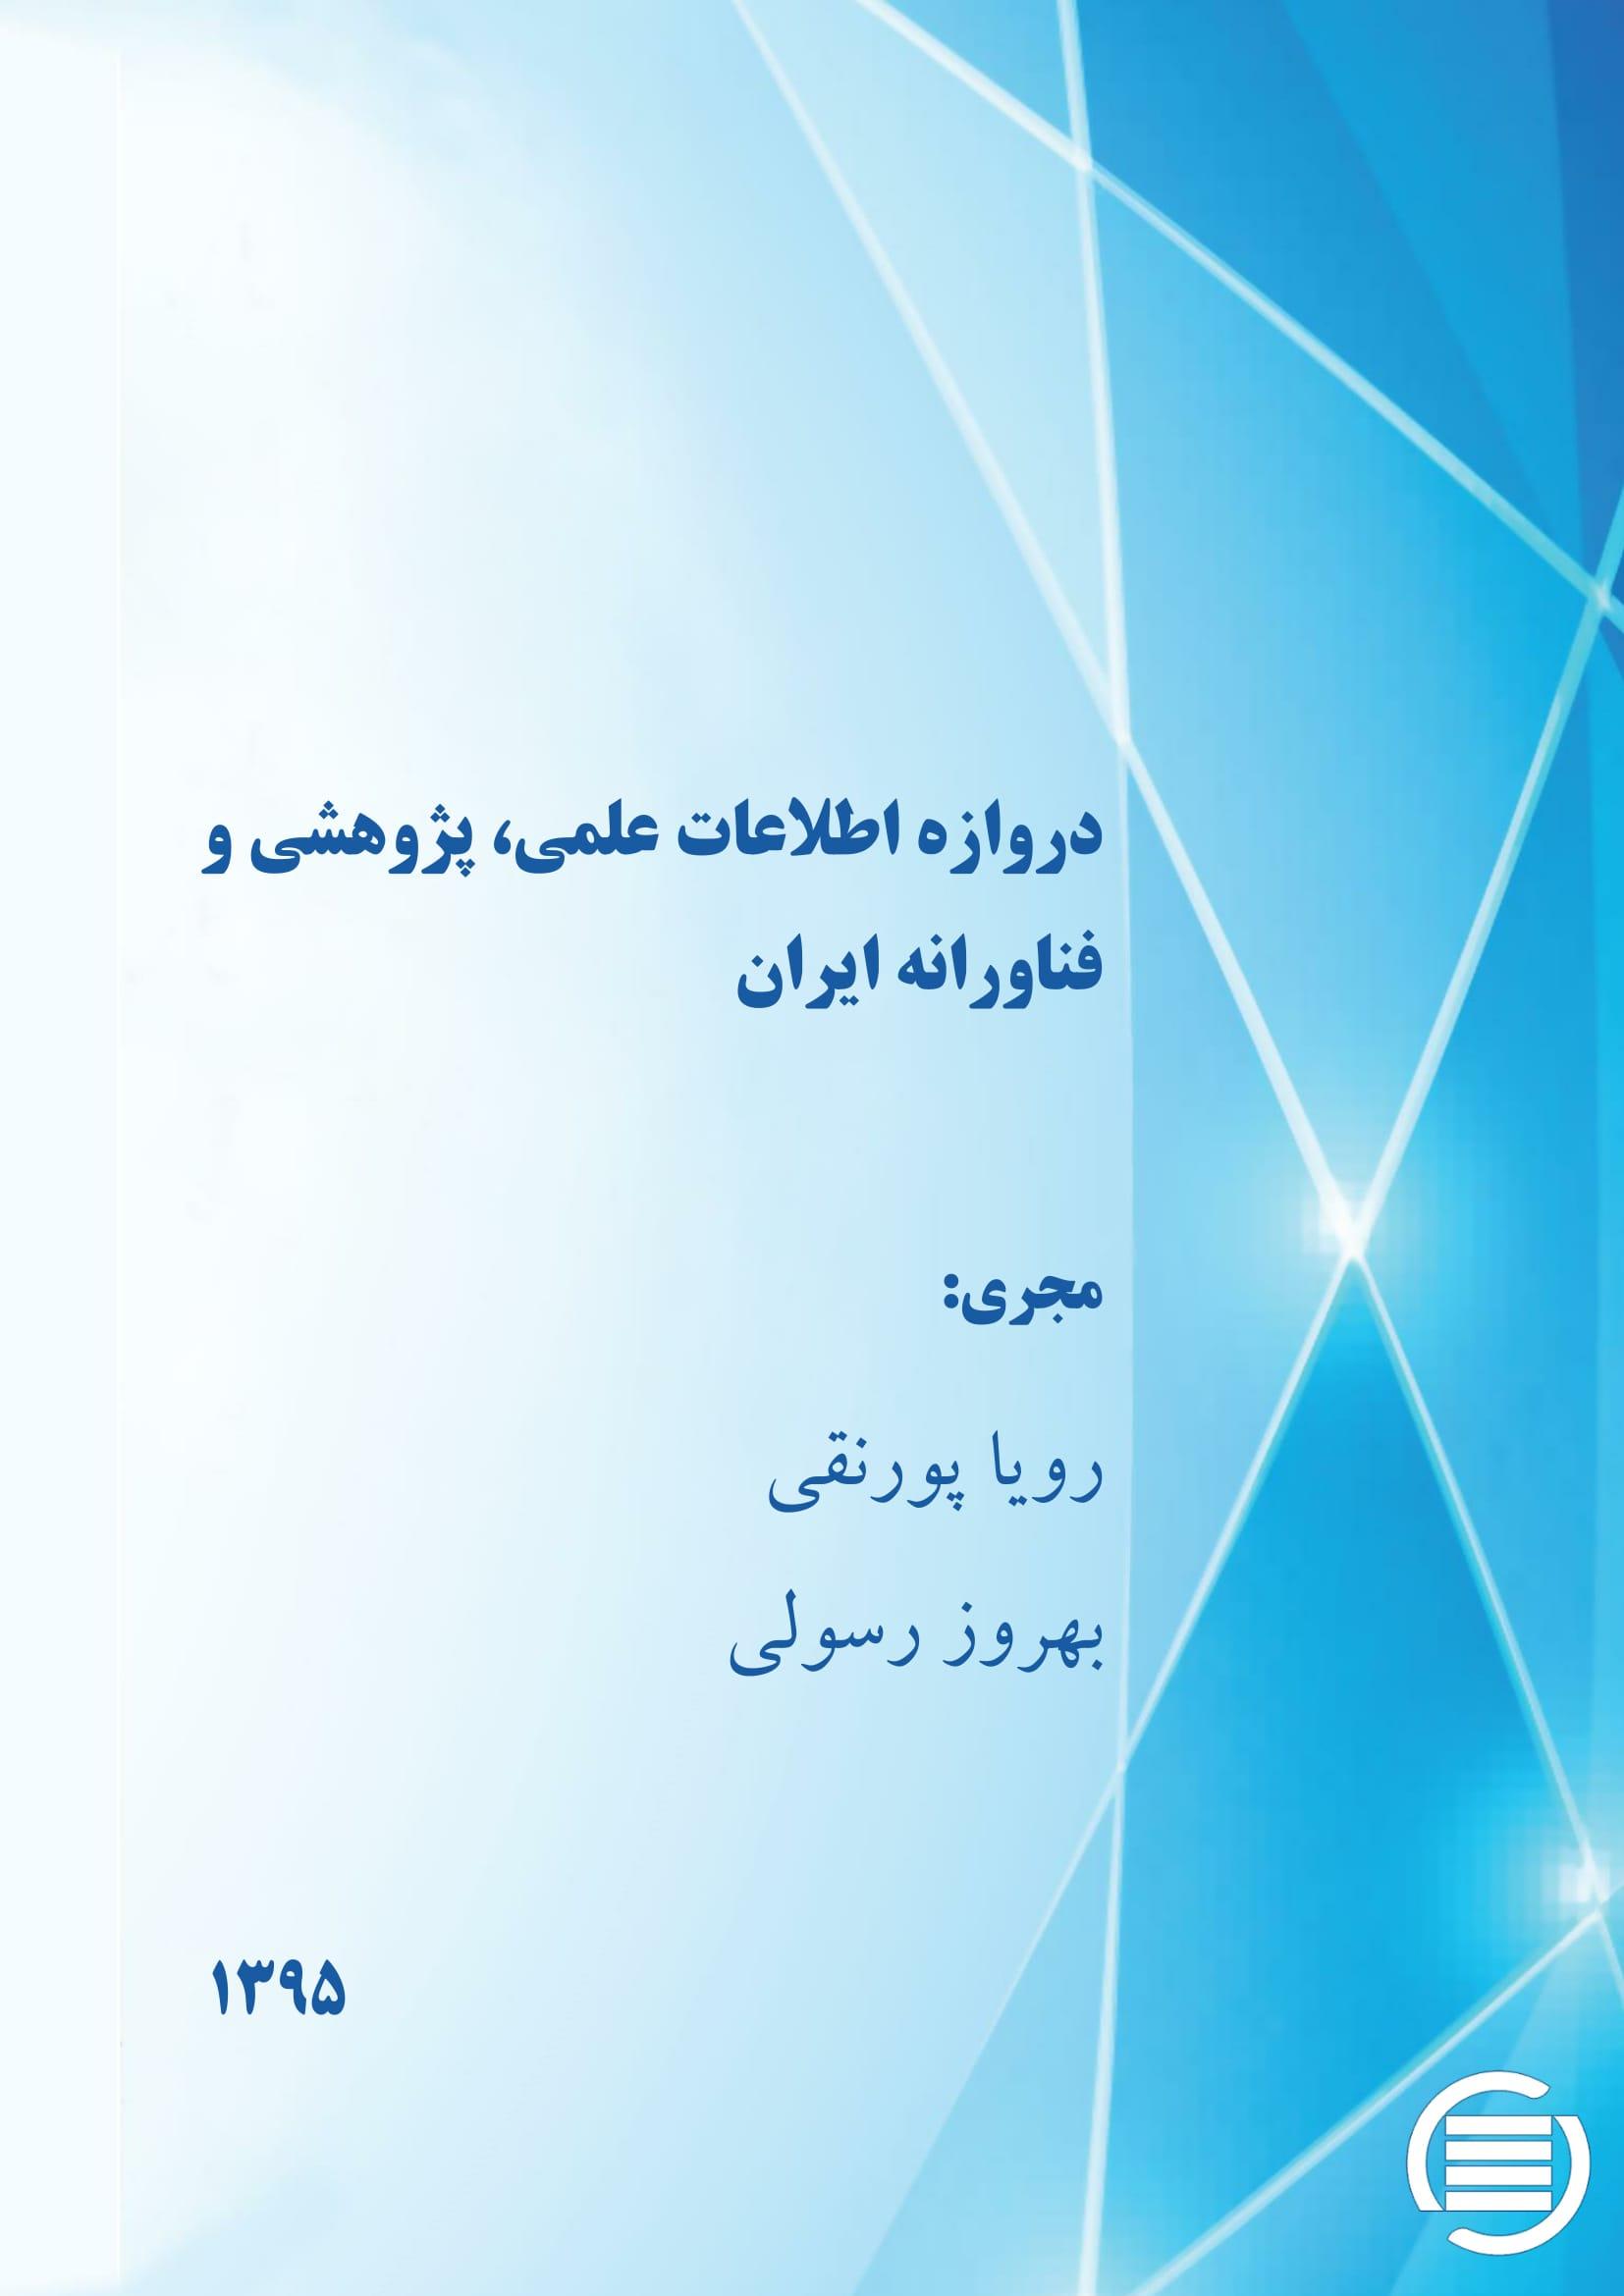 دروازه اطلاعات علمی، پژوهشی و فناورانه ایران